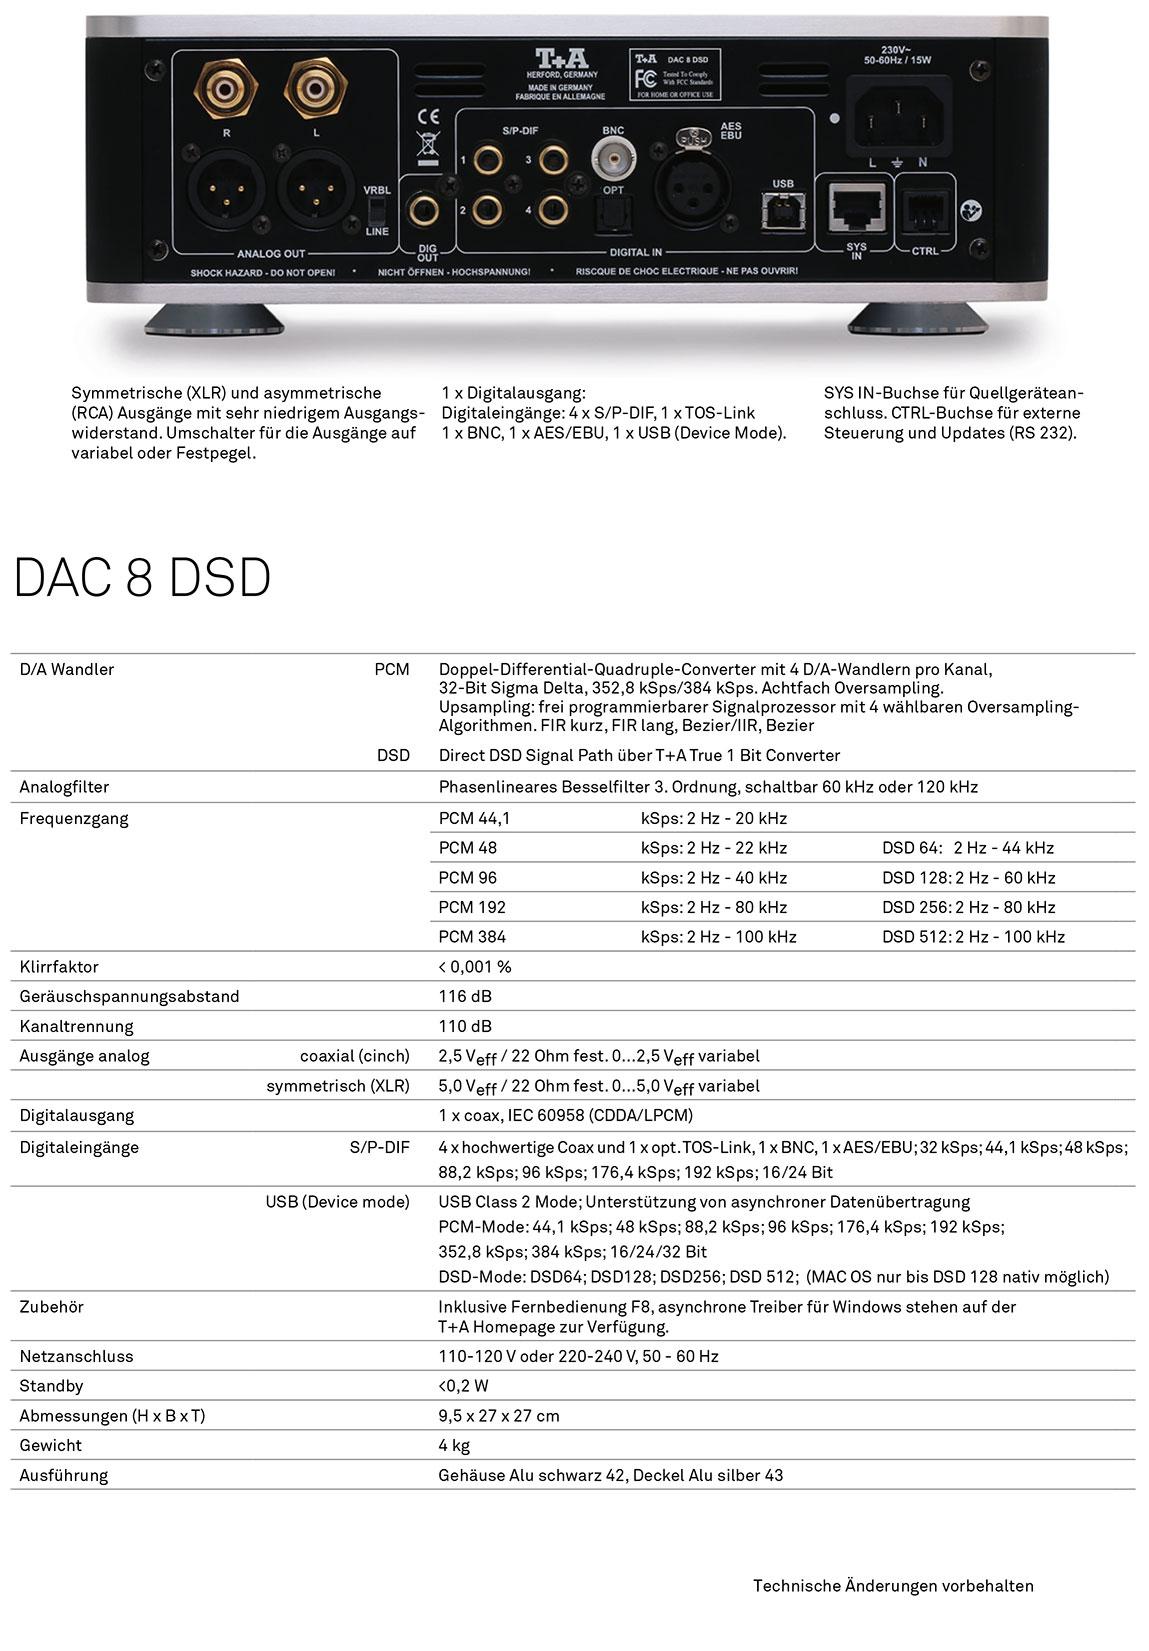 T+A DAC 8 DAS - Technische Daten